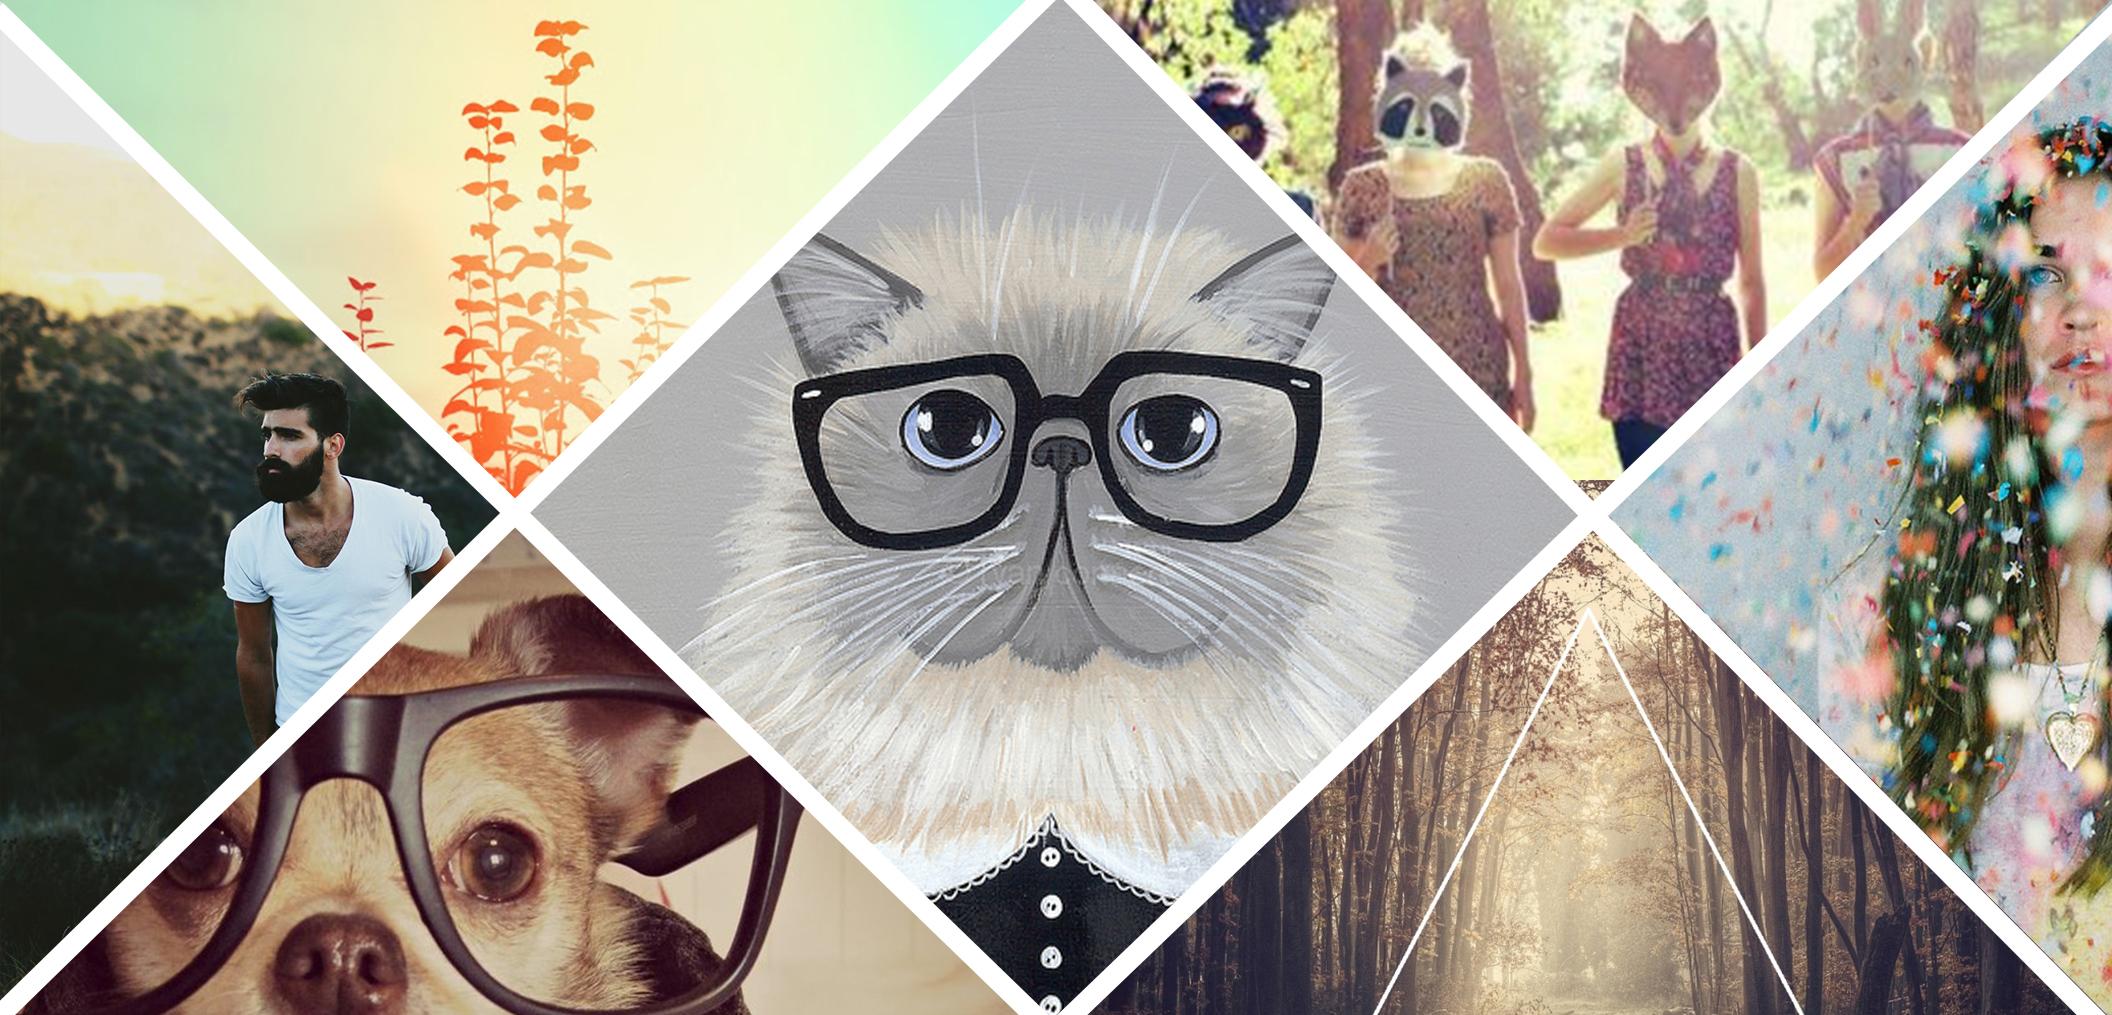 hipster design trend socialee media